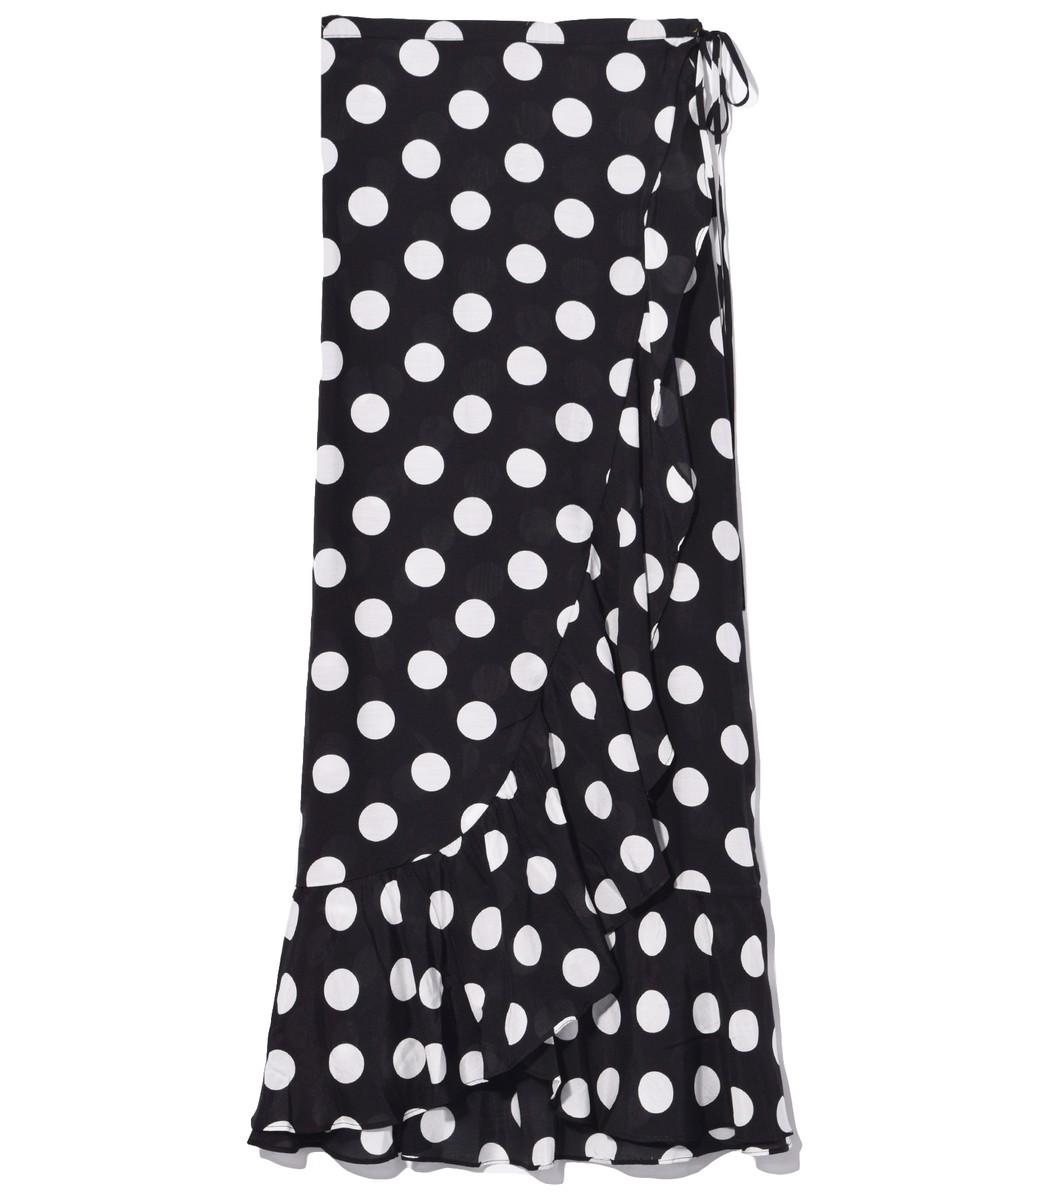 Rixo London Gracie Skirt in Polka Dot